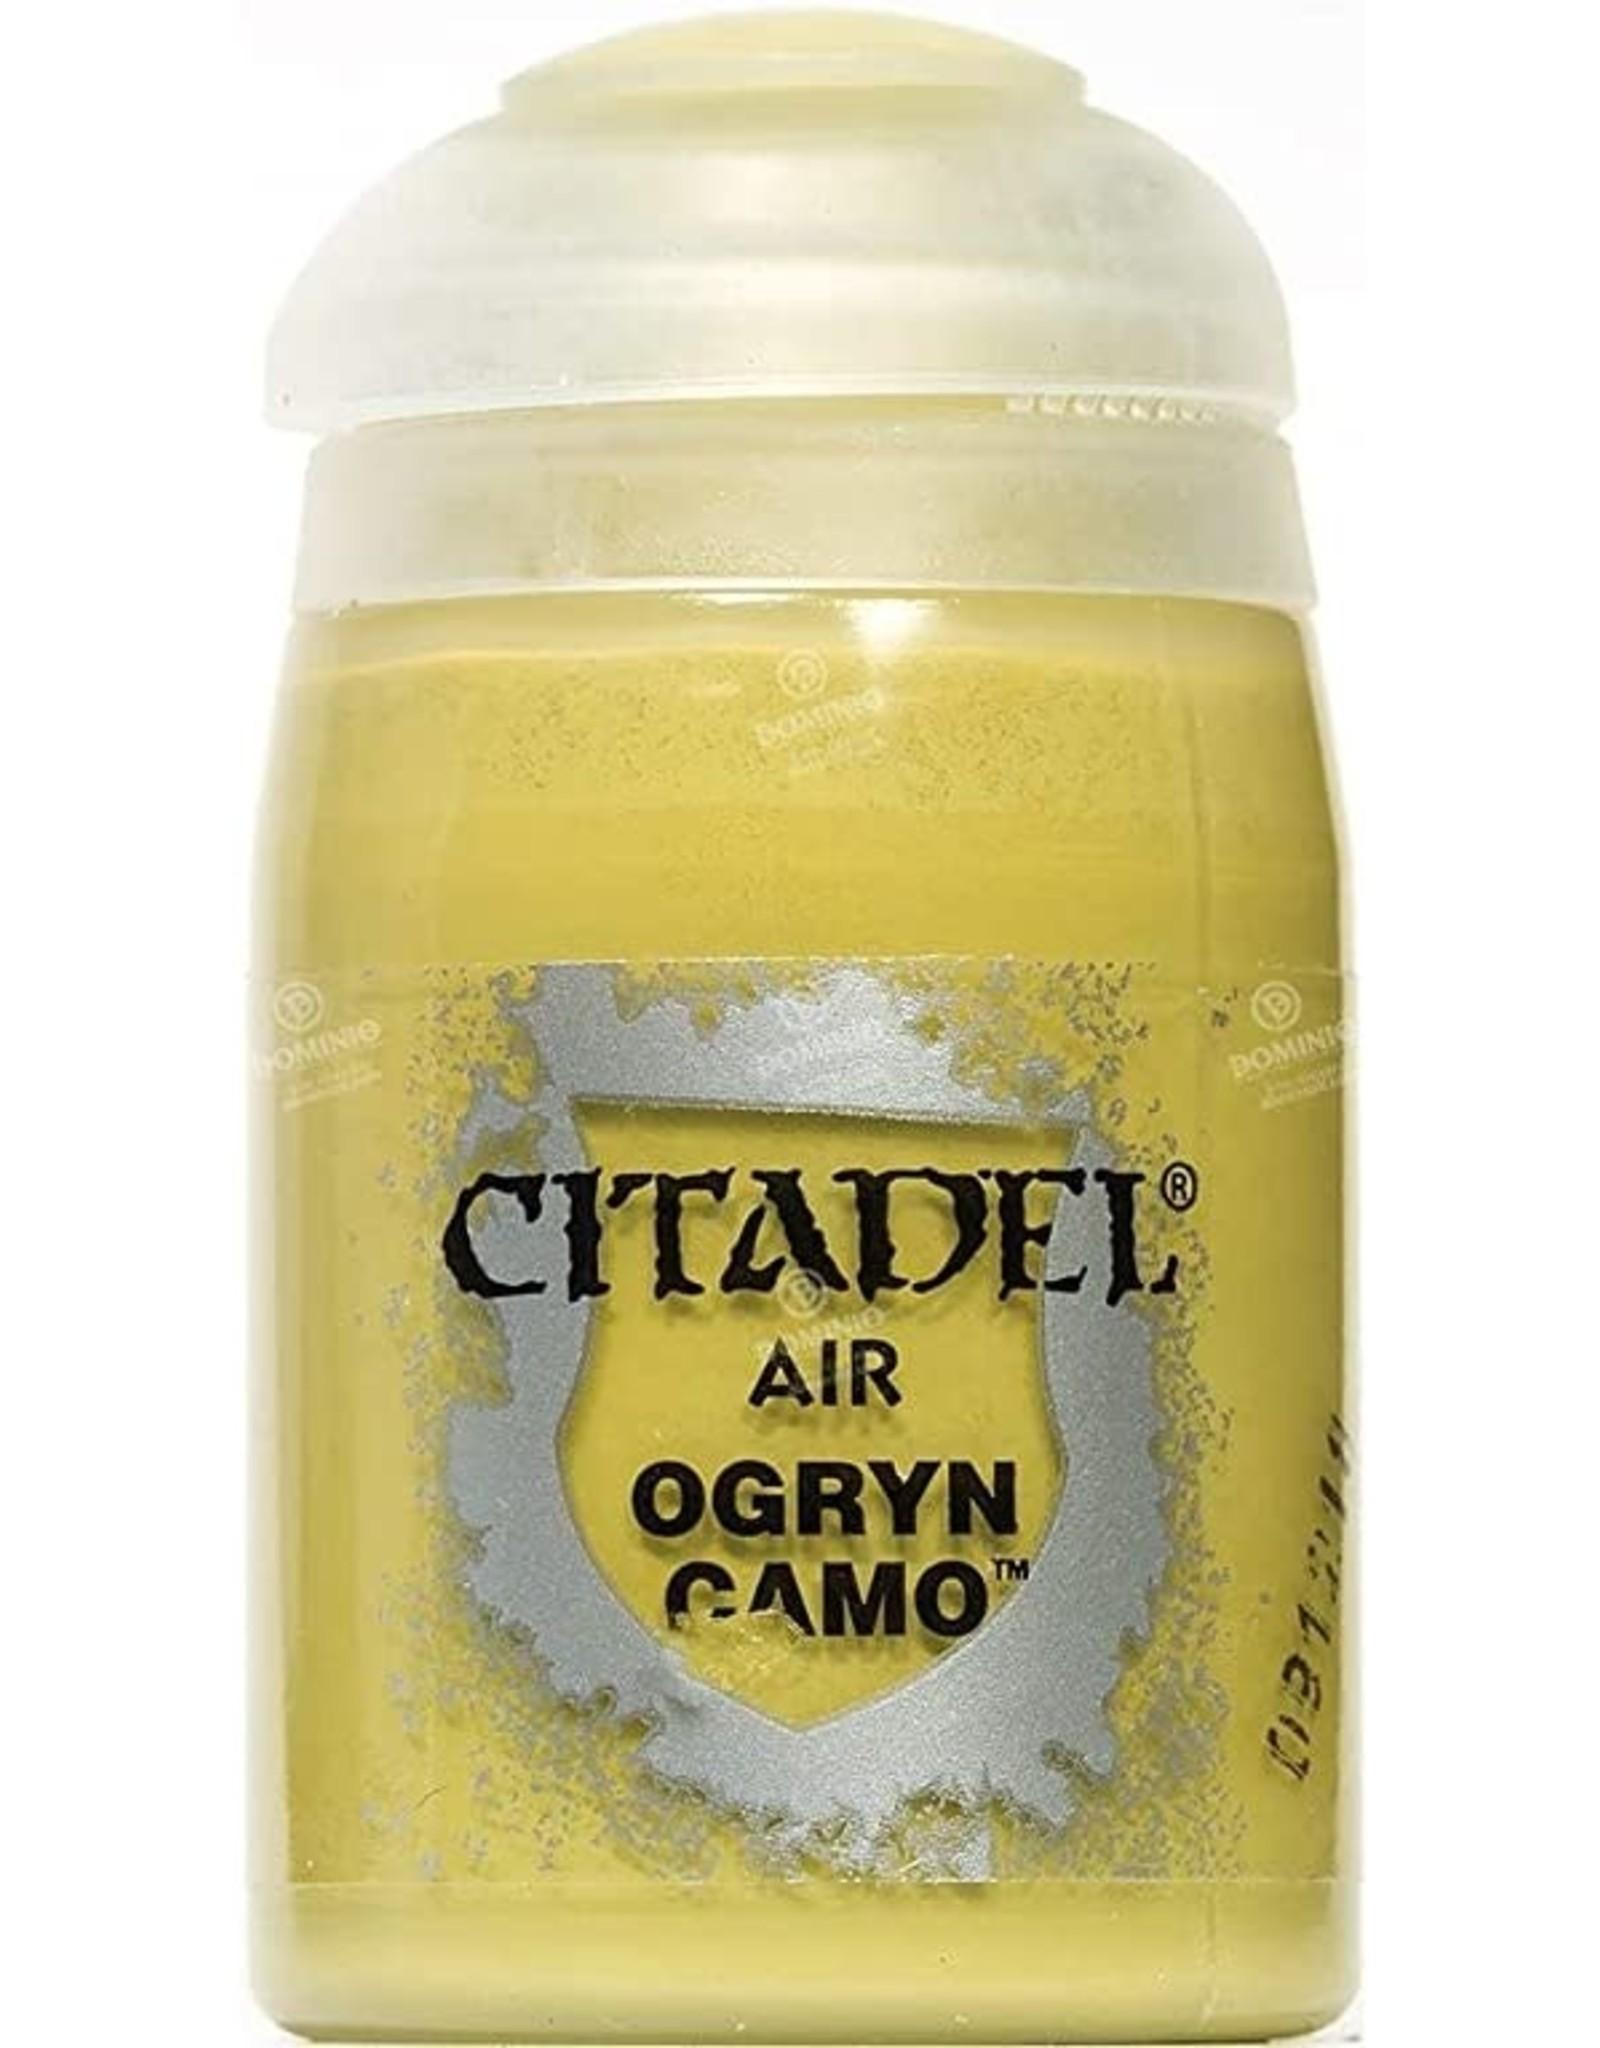 Games Workshop Citadel Paint: Ogryn Camo Air (24 ml)